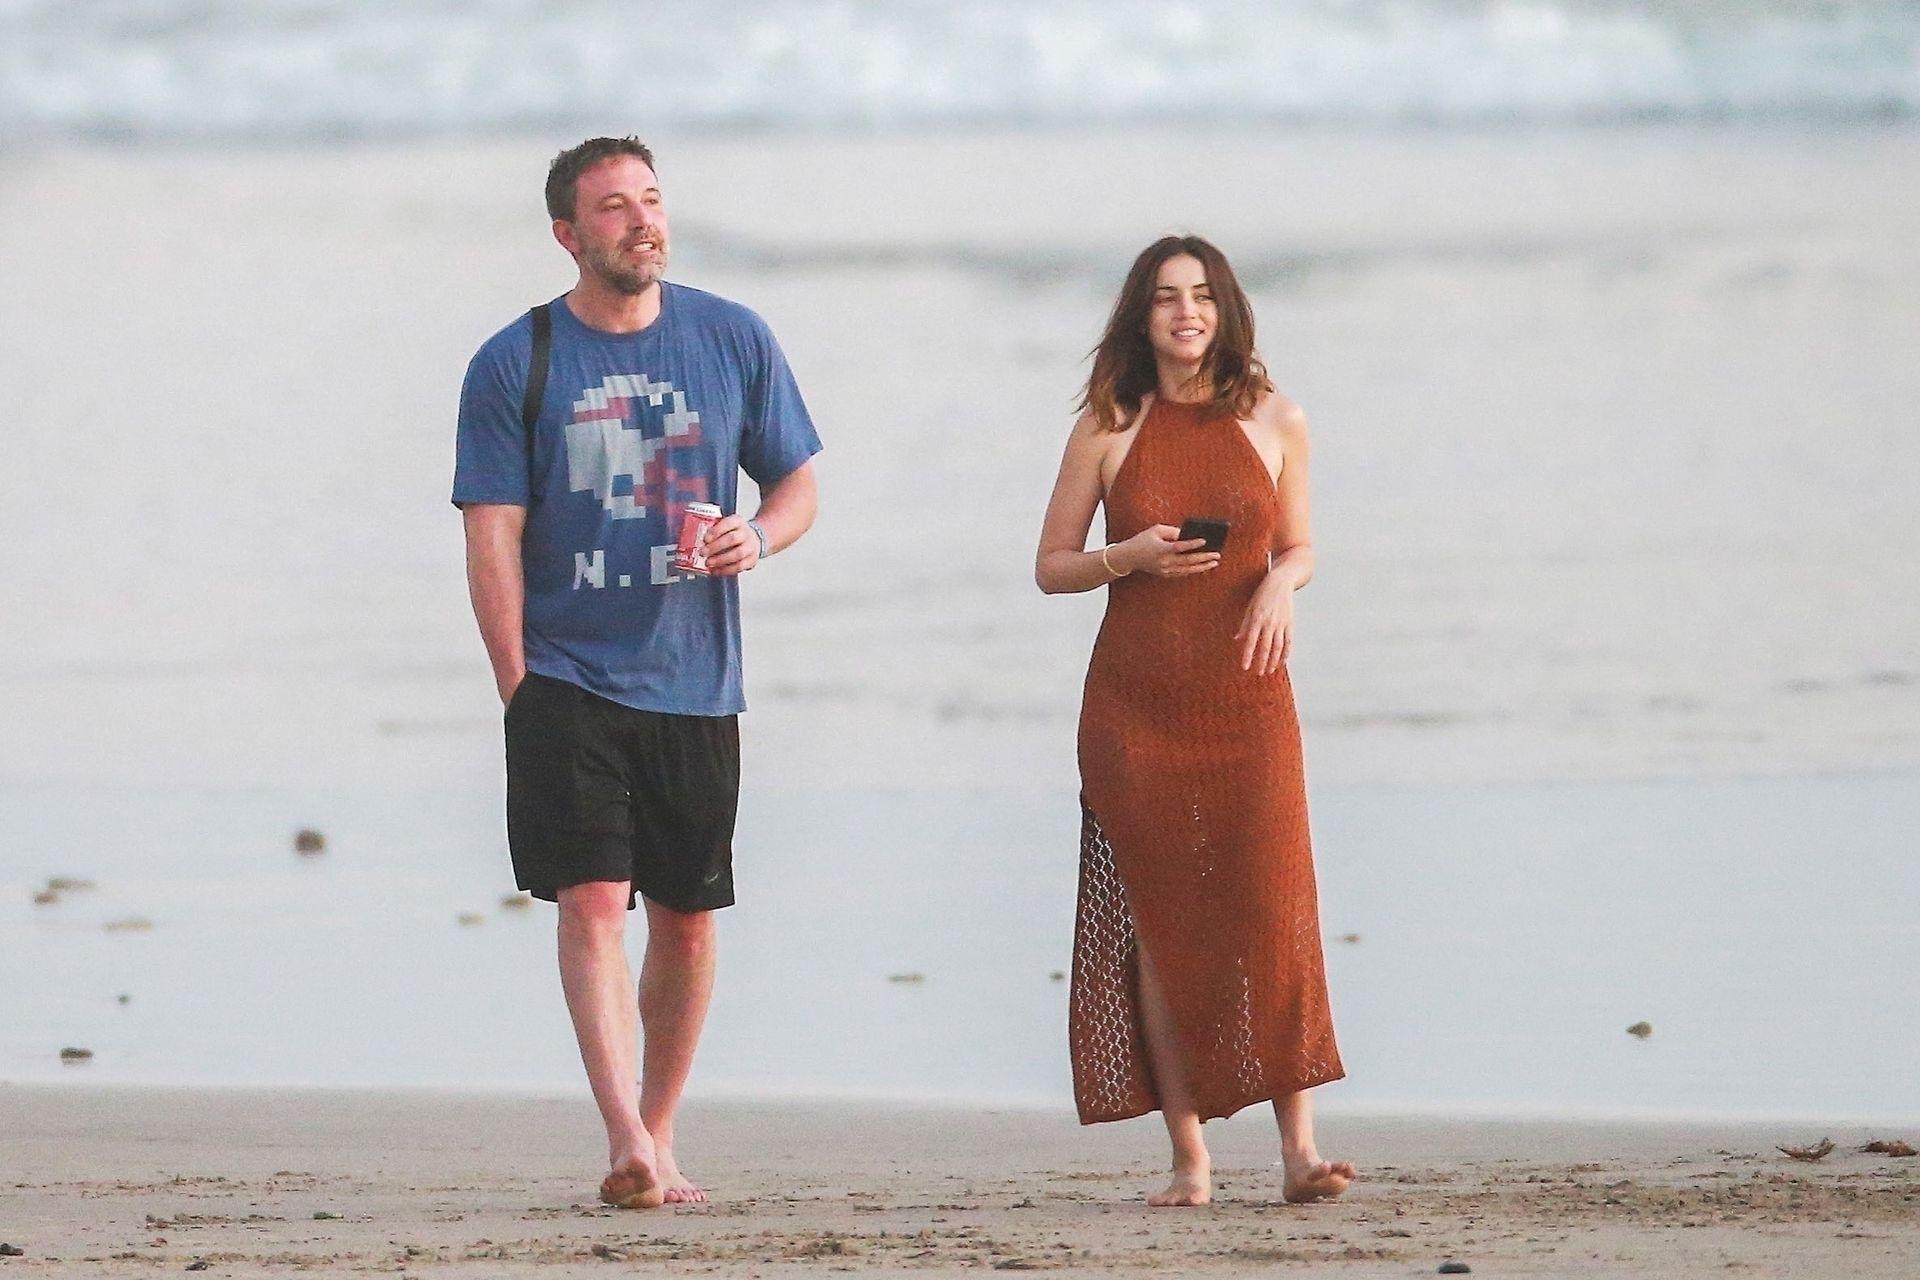 Ben Affleck & Ana De Armas Enjoy A Pda Moment During Romantic Beach Stroll In Costa Rica 0012